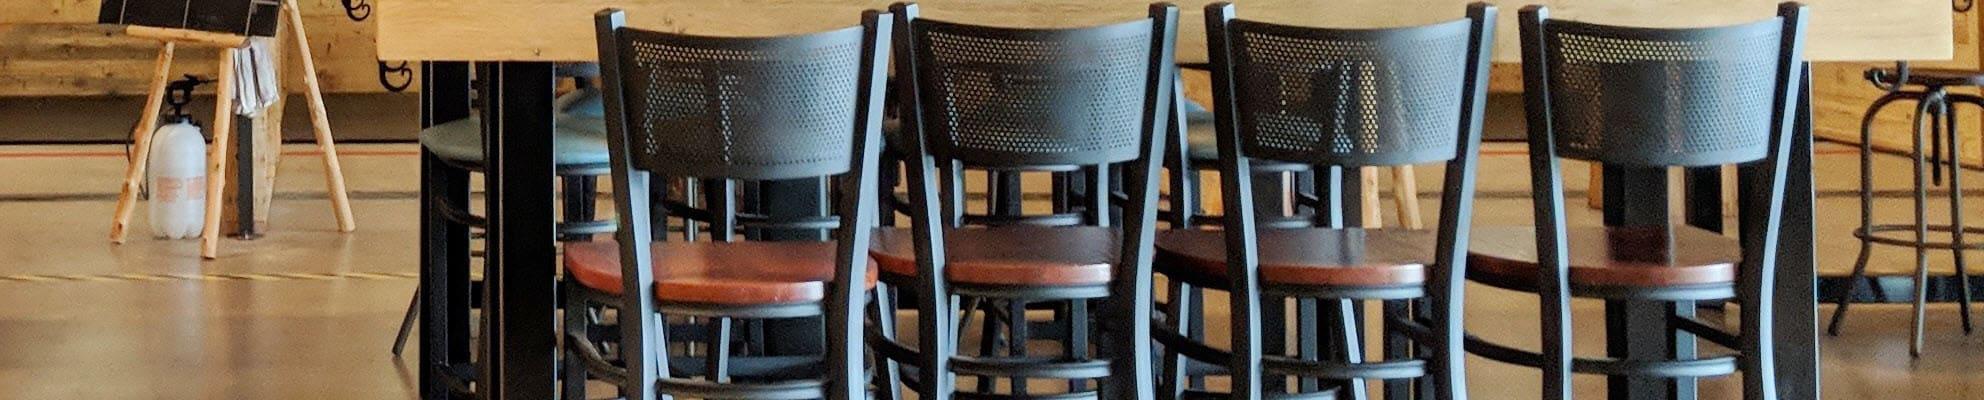 Commercial metal bar stools